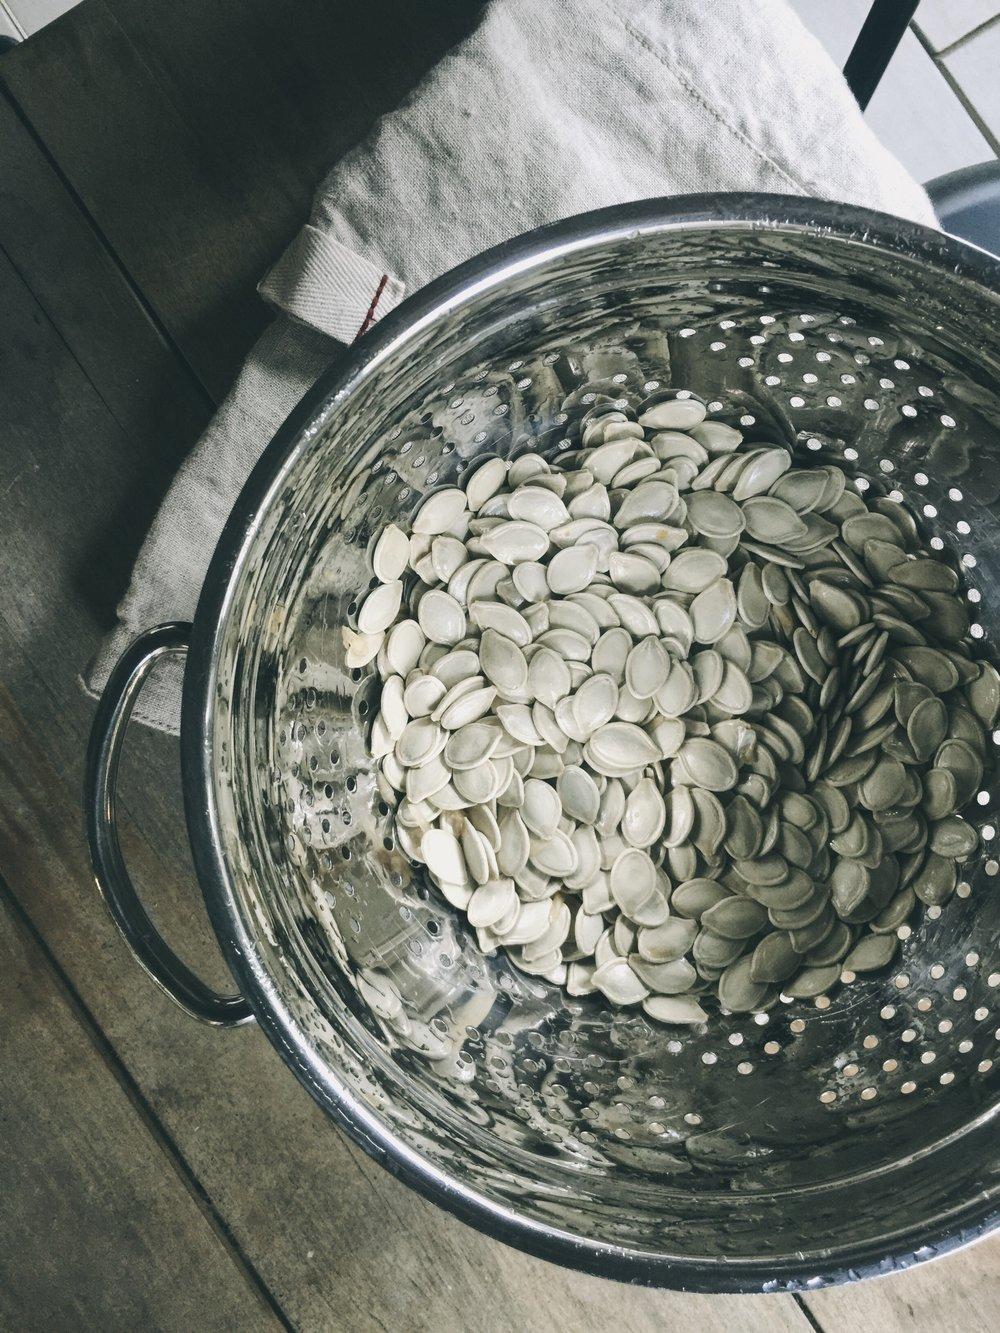 cleaning fresh pumpkin seeds